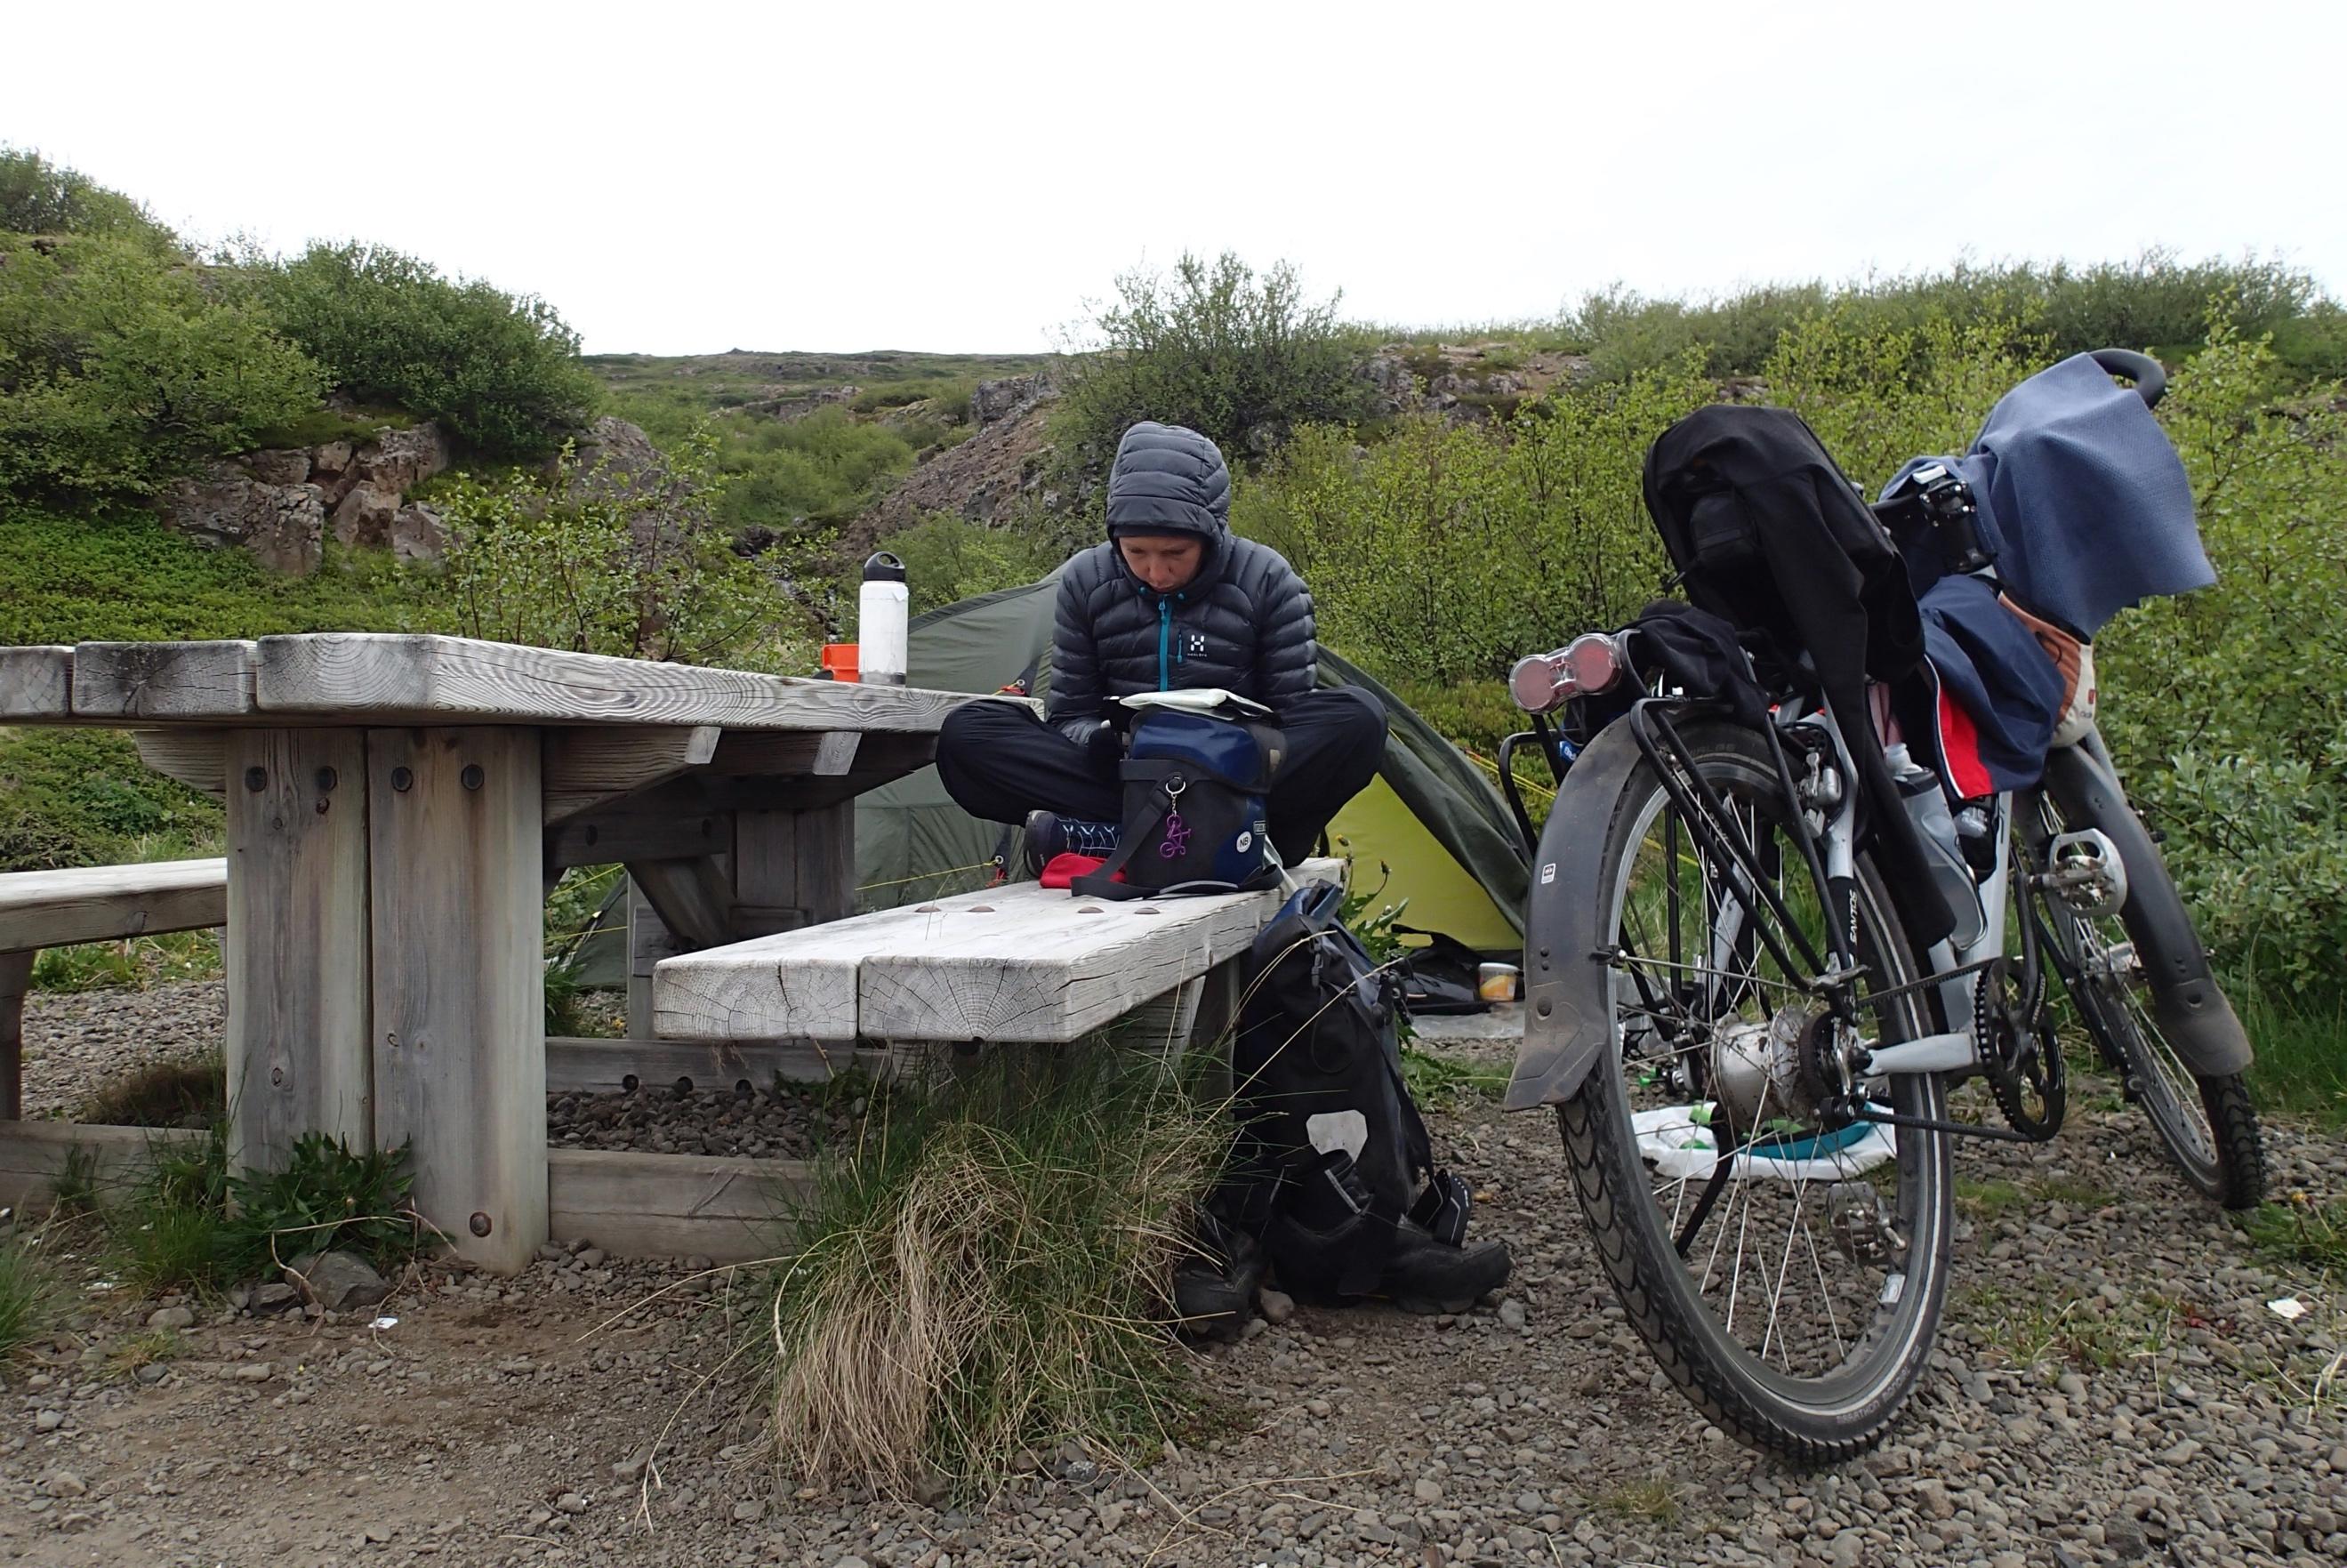 """Egy Isafjordurban tartott pihenőnap után igazi fjord-üzemmódba kapcsoltam. Még nem is végeztem az egyik fjorddal, de már a következő hívogatott. Az egyik fjord """"csúcsánál"""" sátoroztam, amikor egyik éjjel a távolban végignéztem a víz felett, egészen el Izland  legészakibb, hó borította hegyeiig. Amikor az éjszaka közepén (0:55) kimásztam a sátramból pisilni, az égbolt világos narancssárga színű volt. Elfordítottam a fejem és egy csodálatos naplementét láttam. Egy rövid pillanatra a nap a horizont mögé bukott és alkonyatba borította a tájat egy teljes órára."""